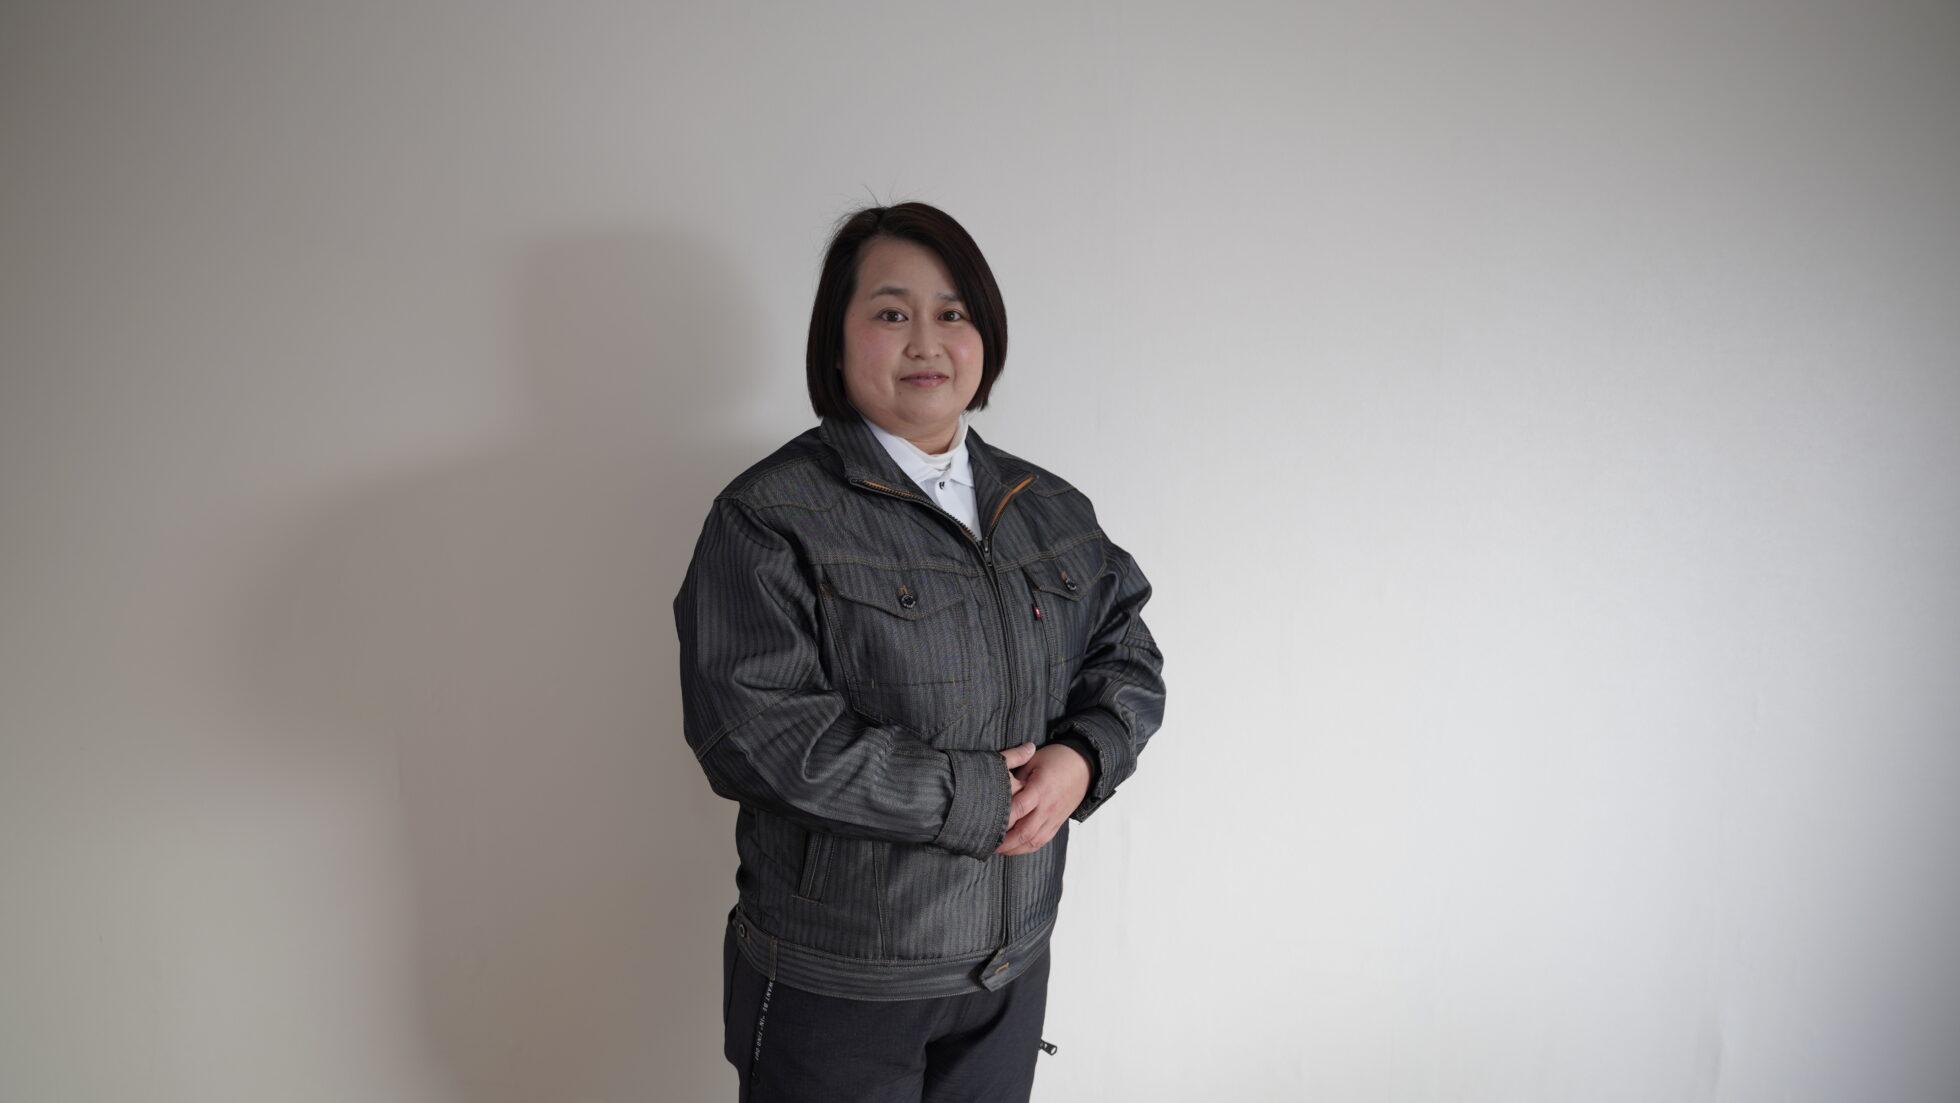 「橋本 成子(はしもと せいこ)」の顔写真